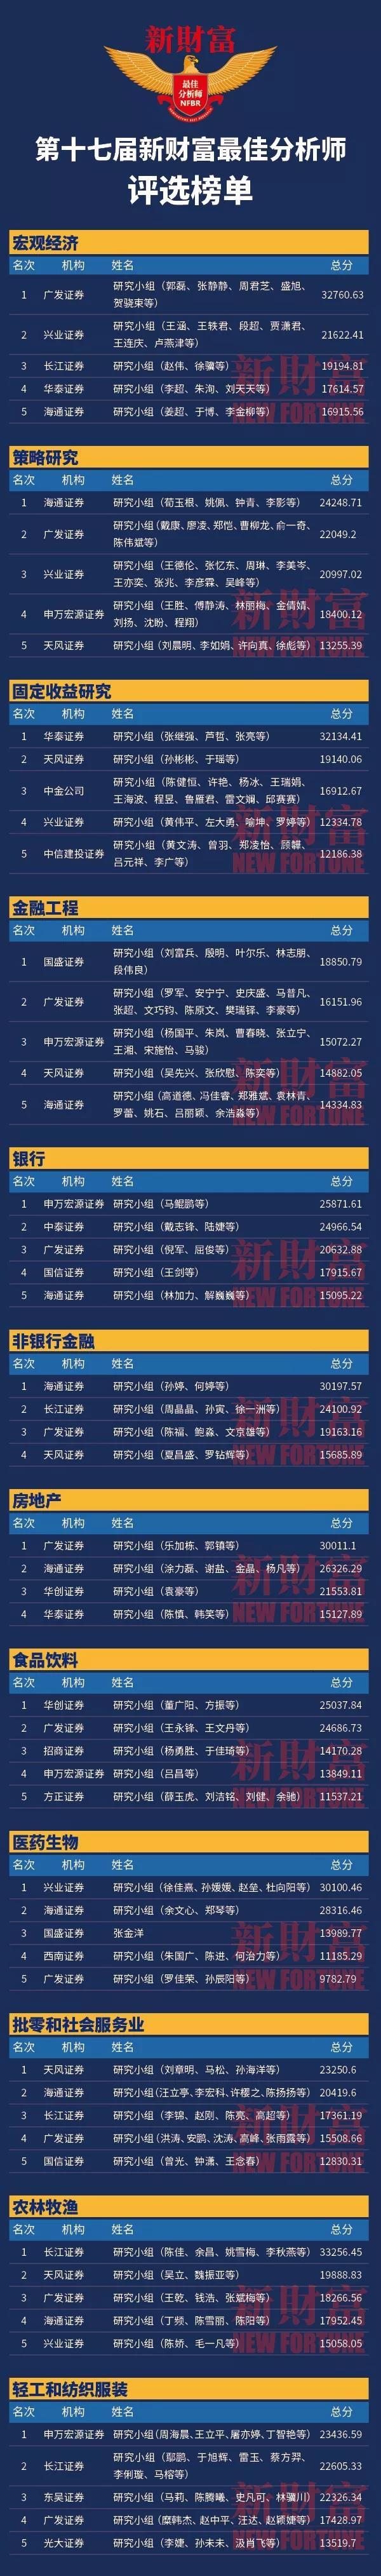 新财富最佳分析师 第十七届新财富最佳分析师榜单重磅揭晓(全名单)